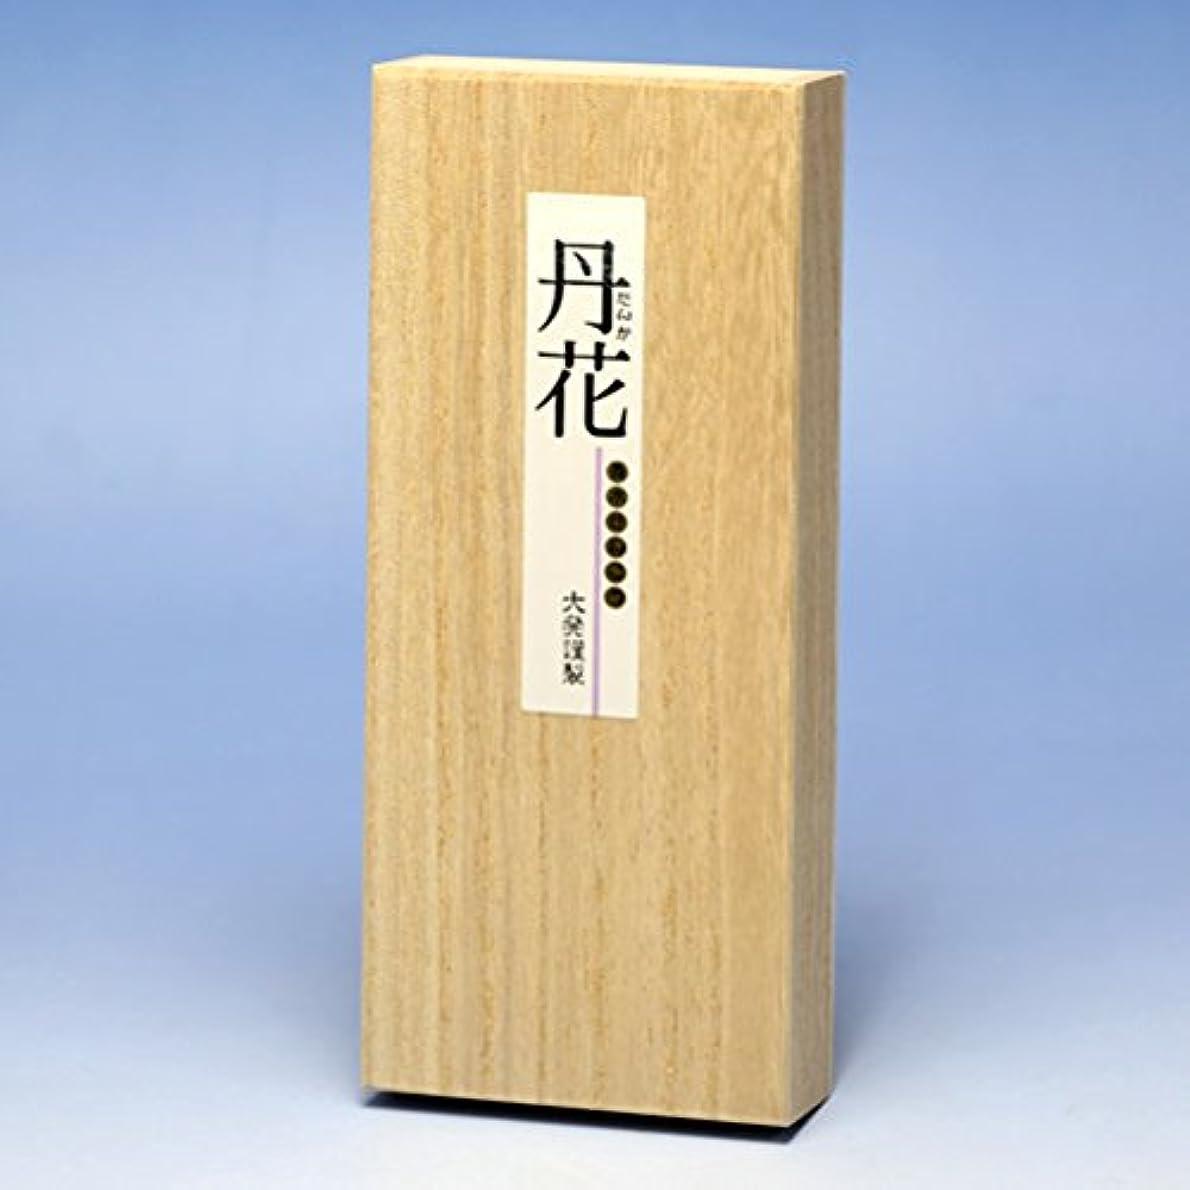 目立つ名前を作るコンベンション丹花三色 桐箱 T-5 20本×3種類 大発